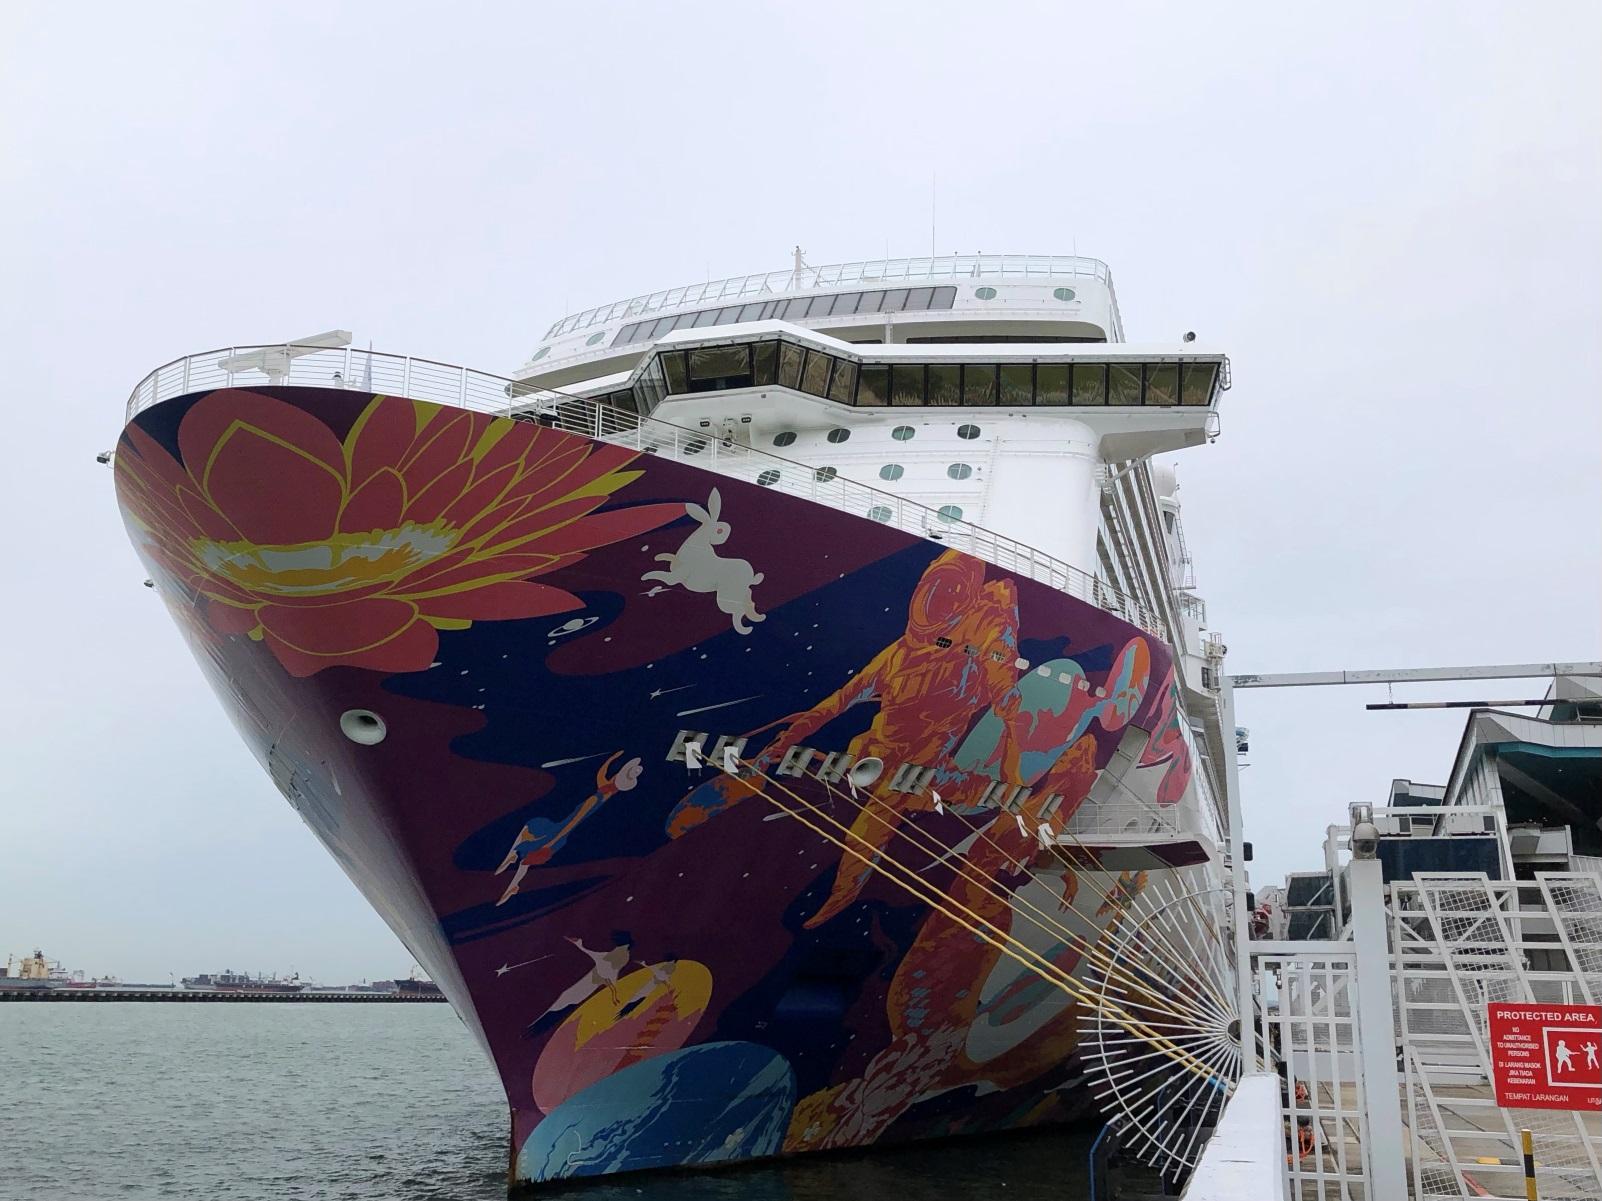 Κορονοϊός – Σιγκαπούρη: Κρουαζιερόπλοιο με 3.000 επιβαίνοντες σε καραντίνα στις καμπίνες